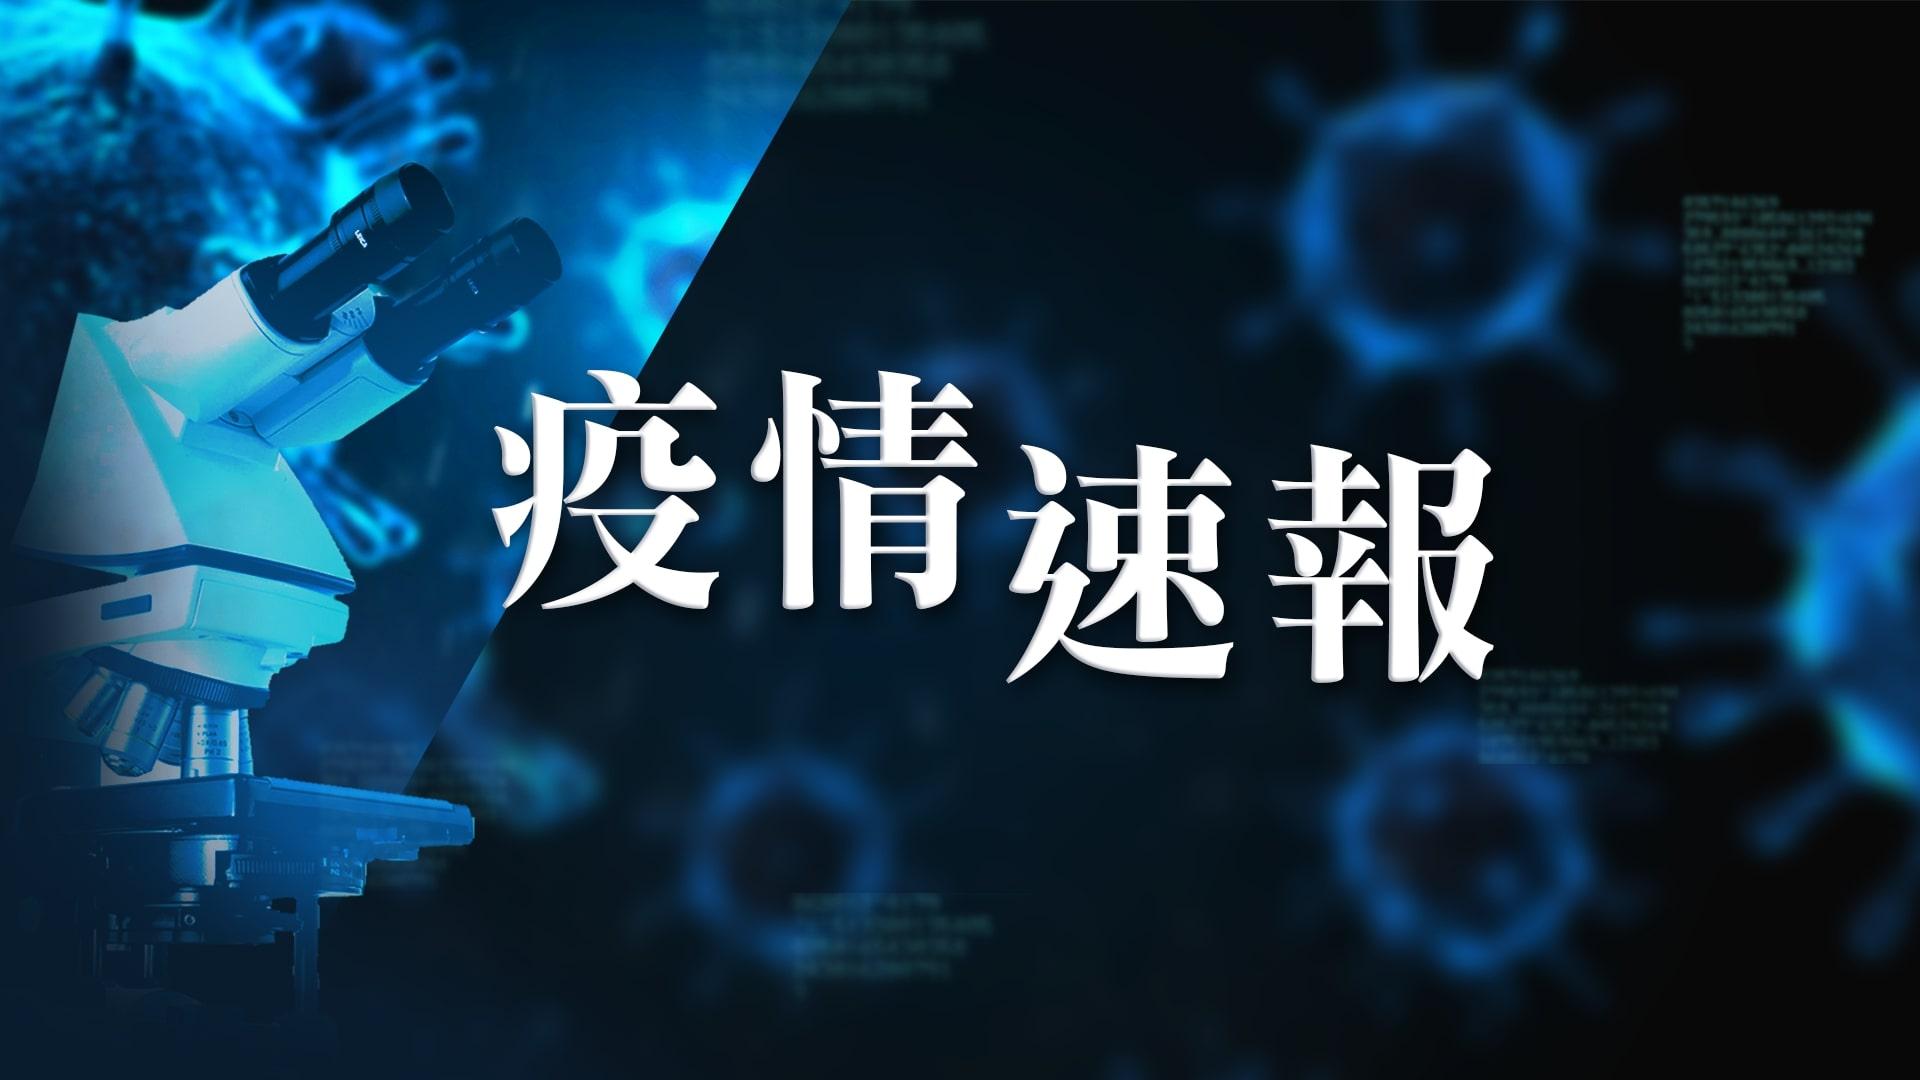 【6月17日疫情速報】(23:35)